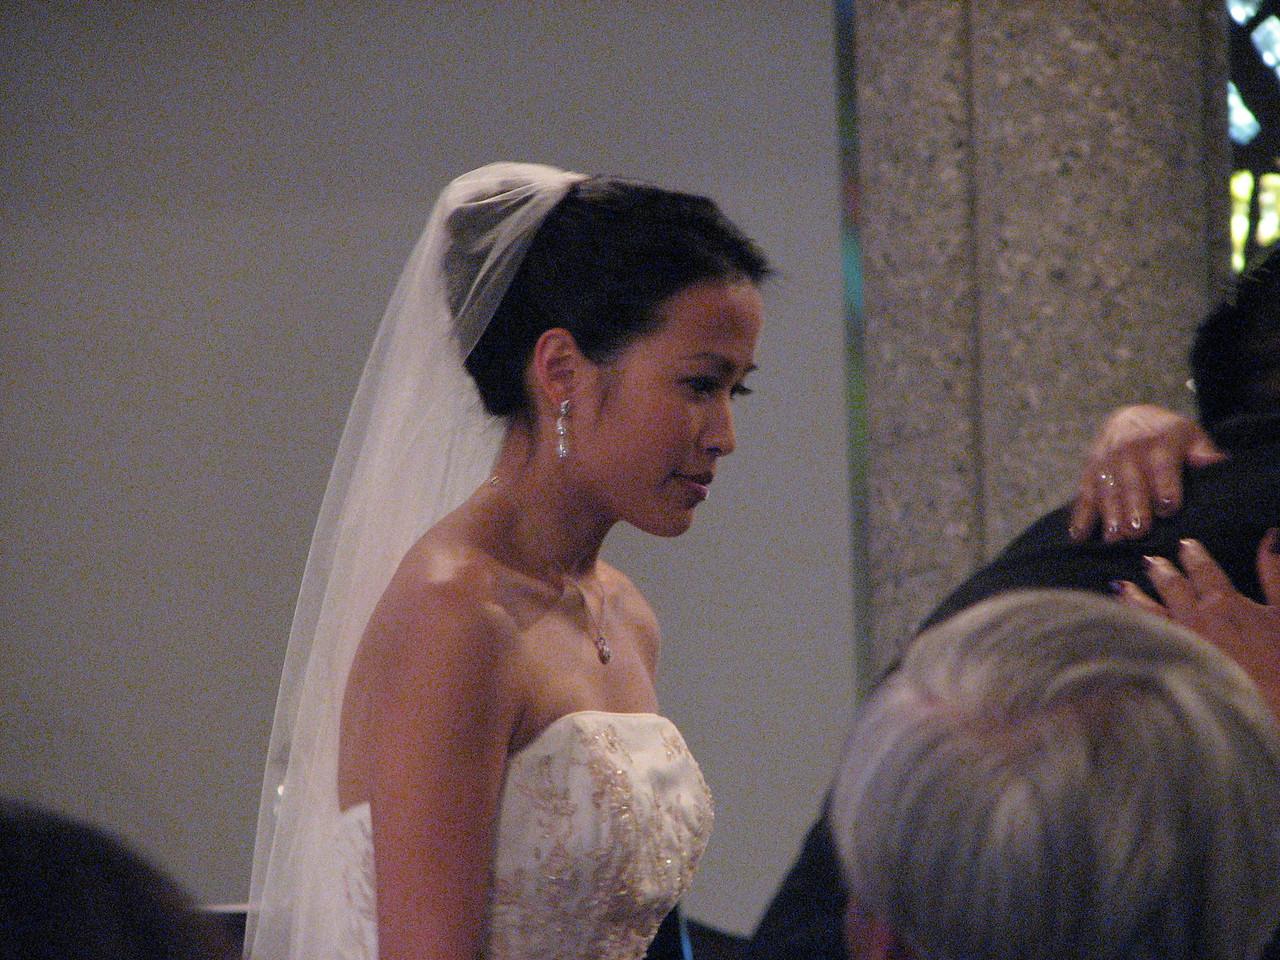 2007 06 09 Sat - The bride